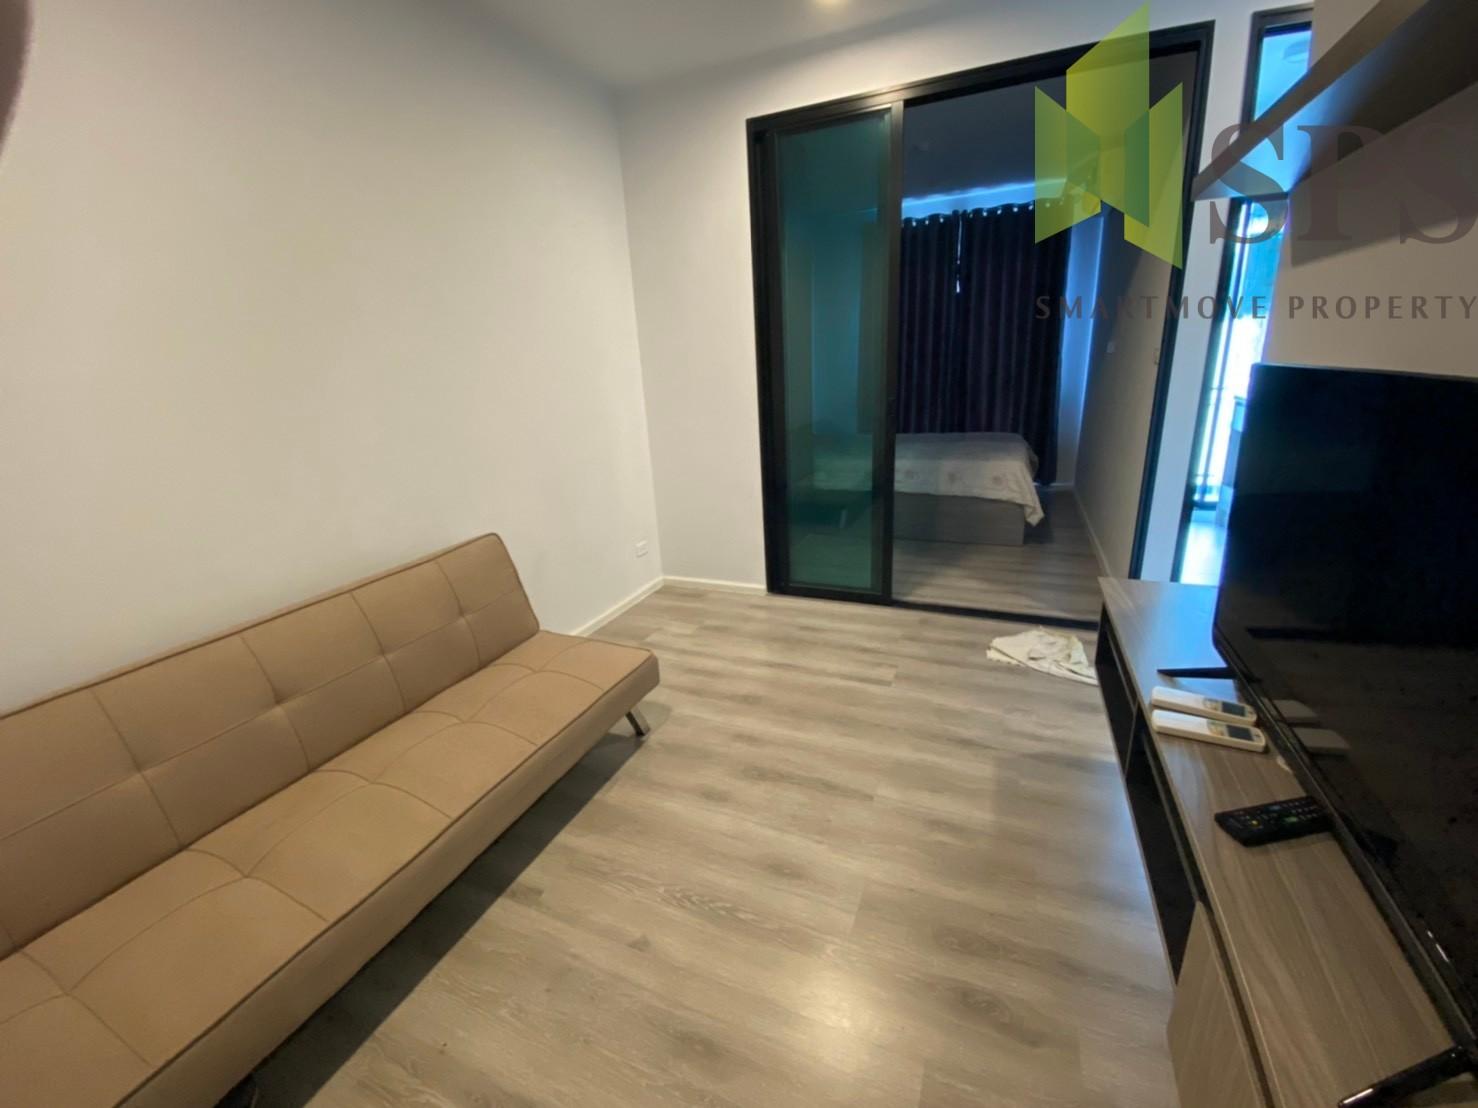 Condominium Notting Hill – Sukhumvit 105 (SPS-GC1088)